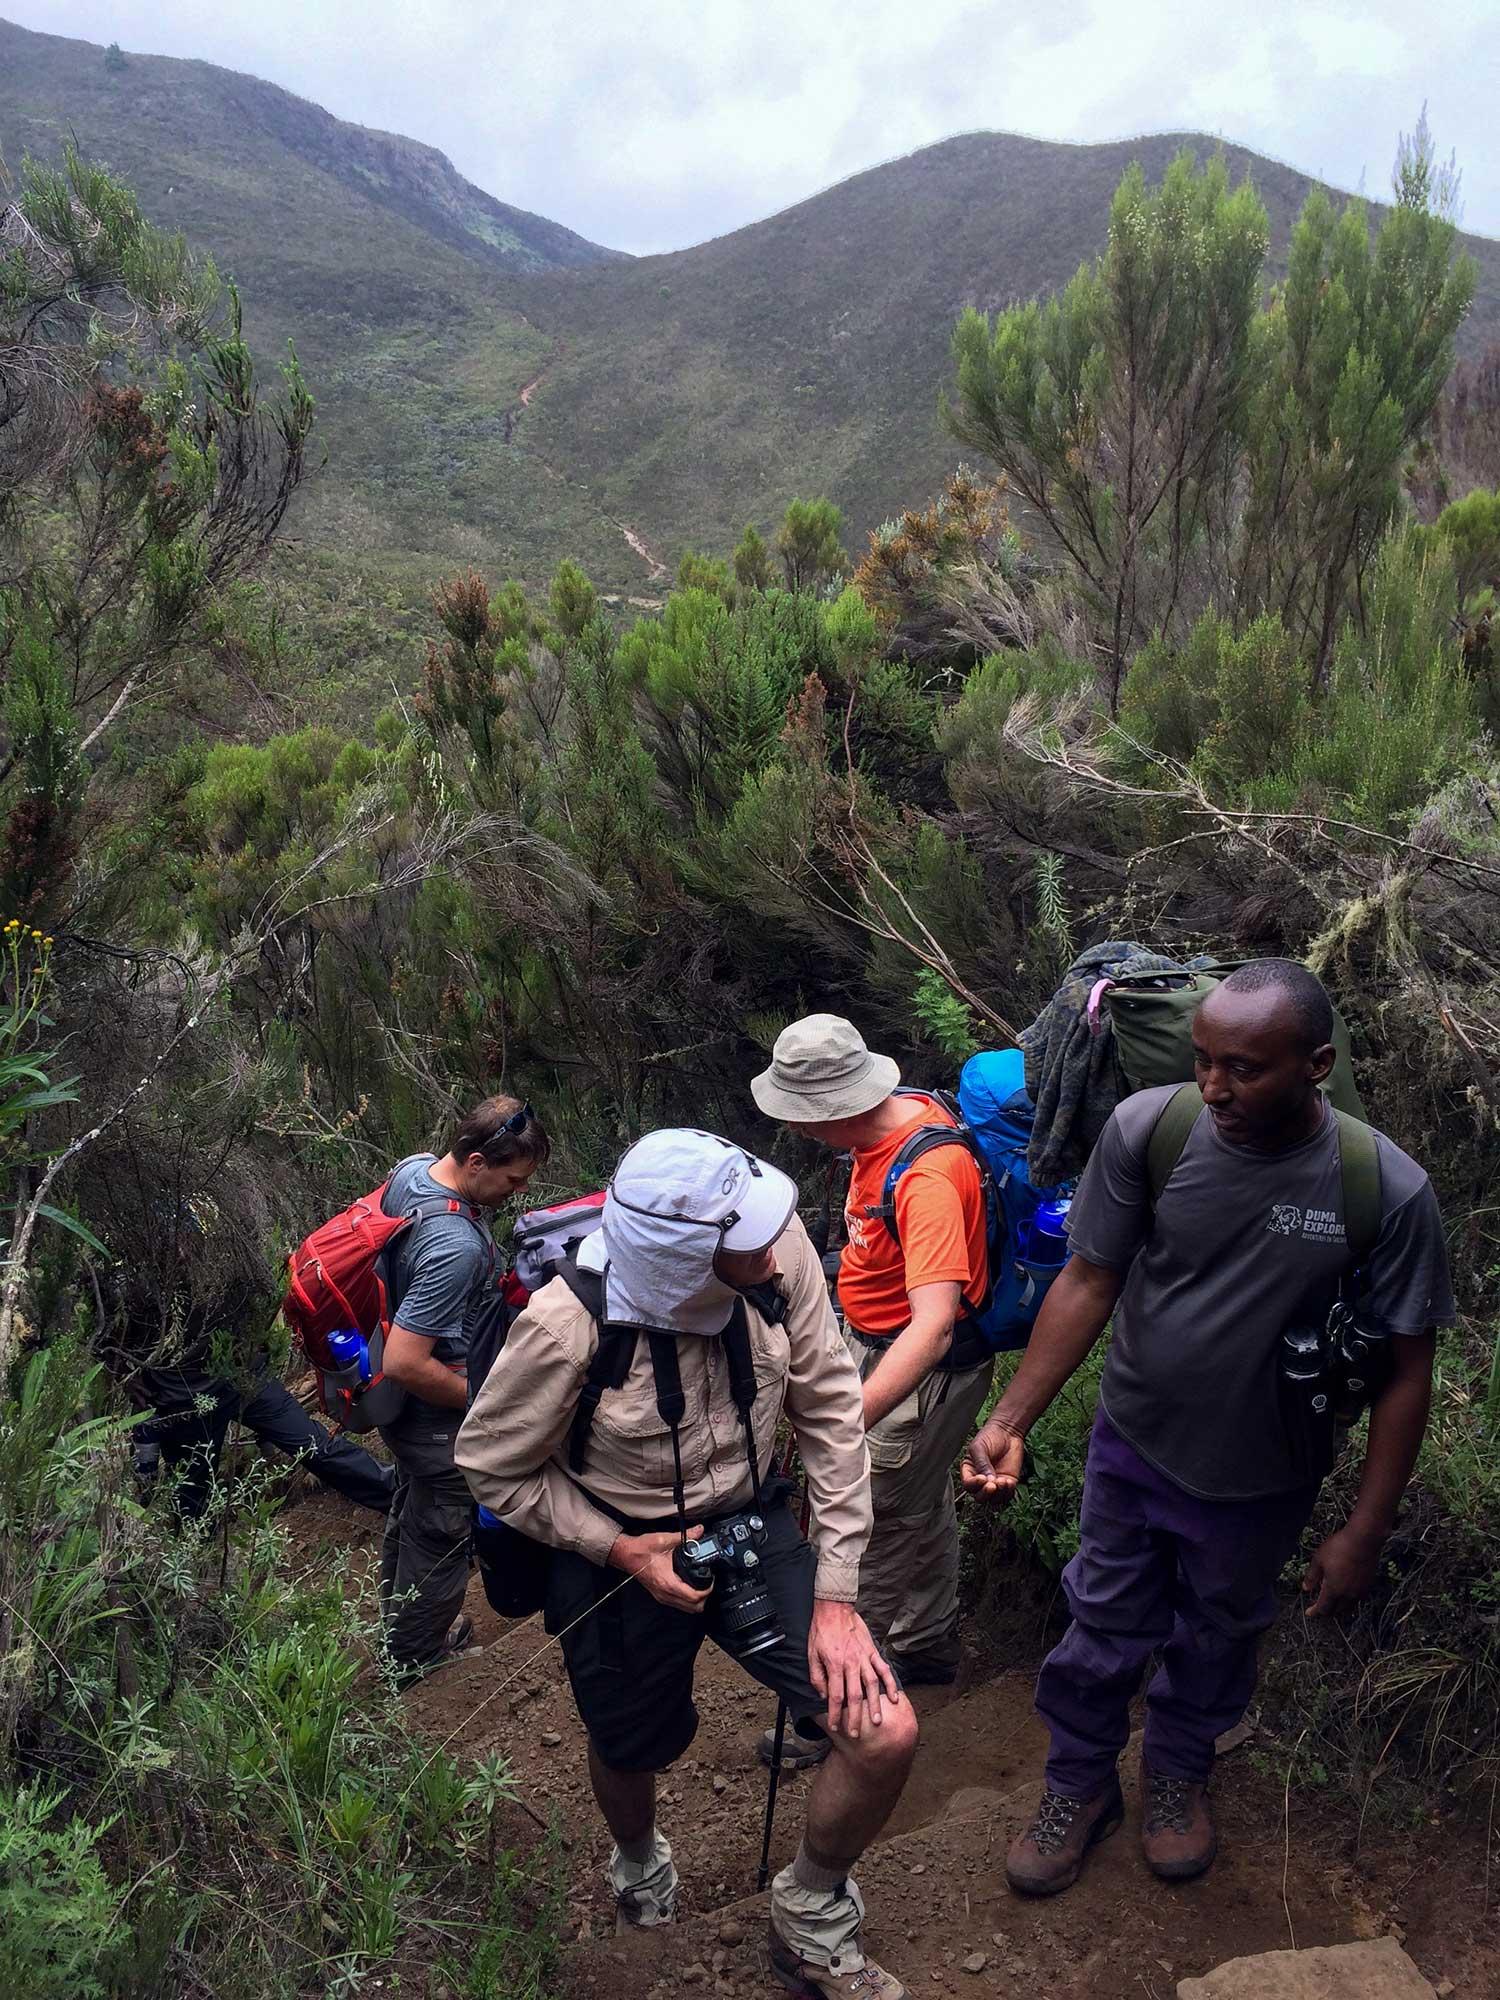 D2-16-entering-morlland-zone-kilimanjaro.jpg